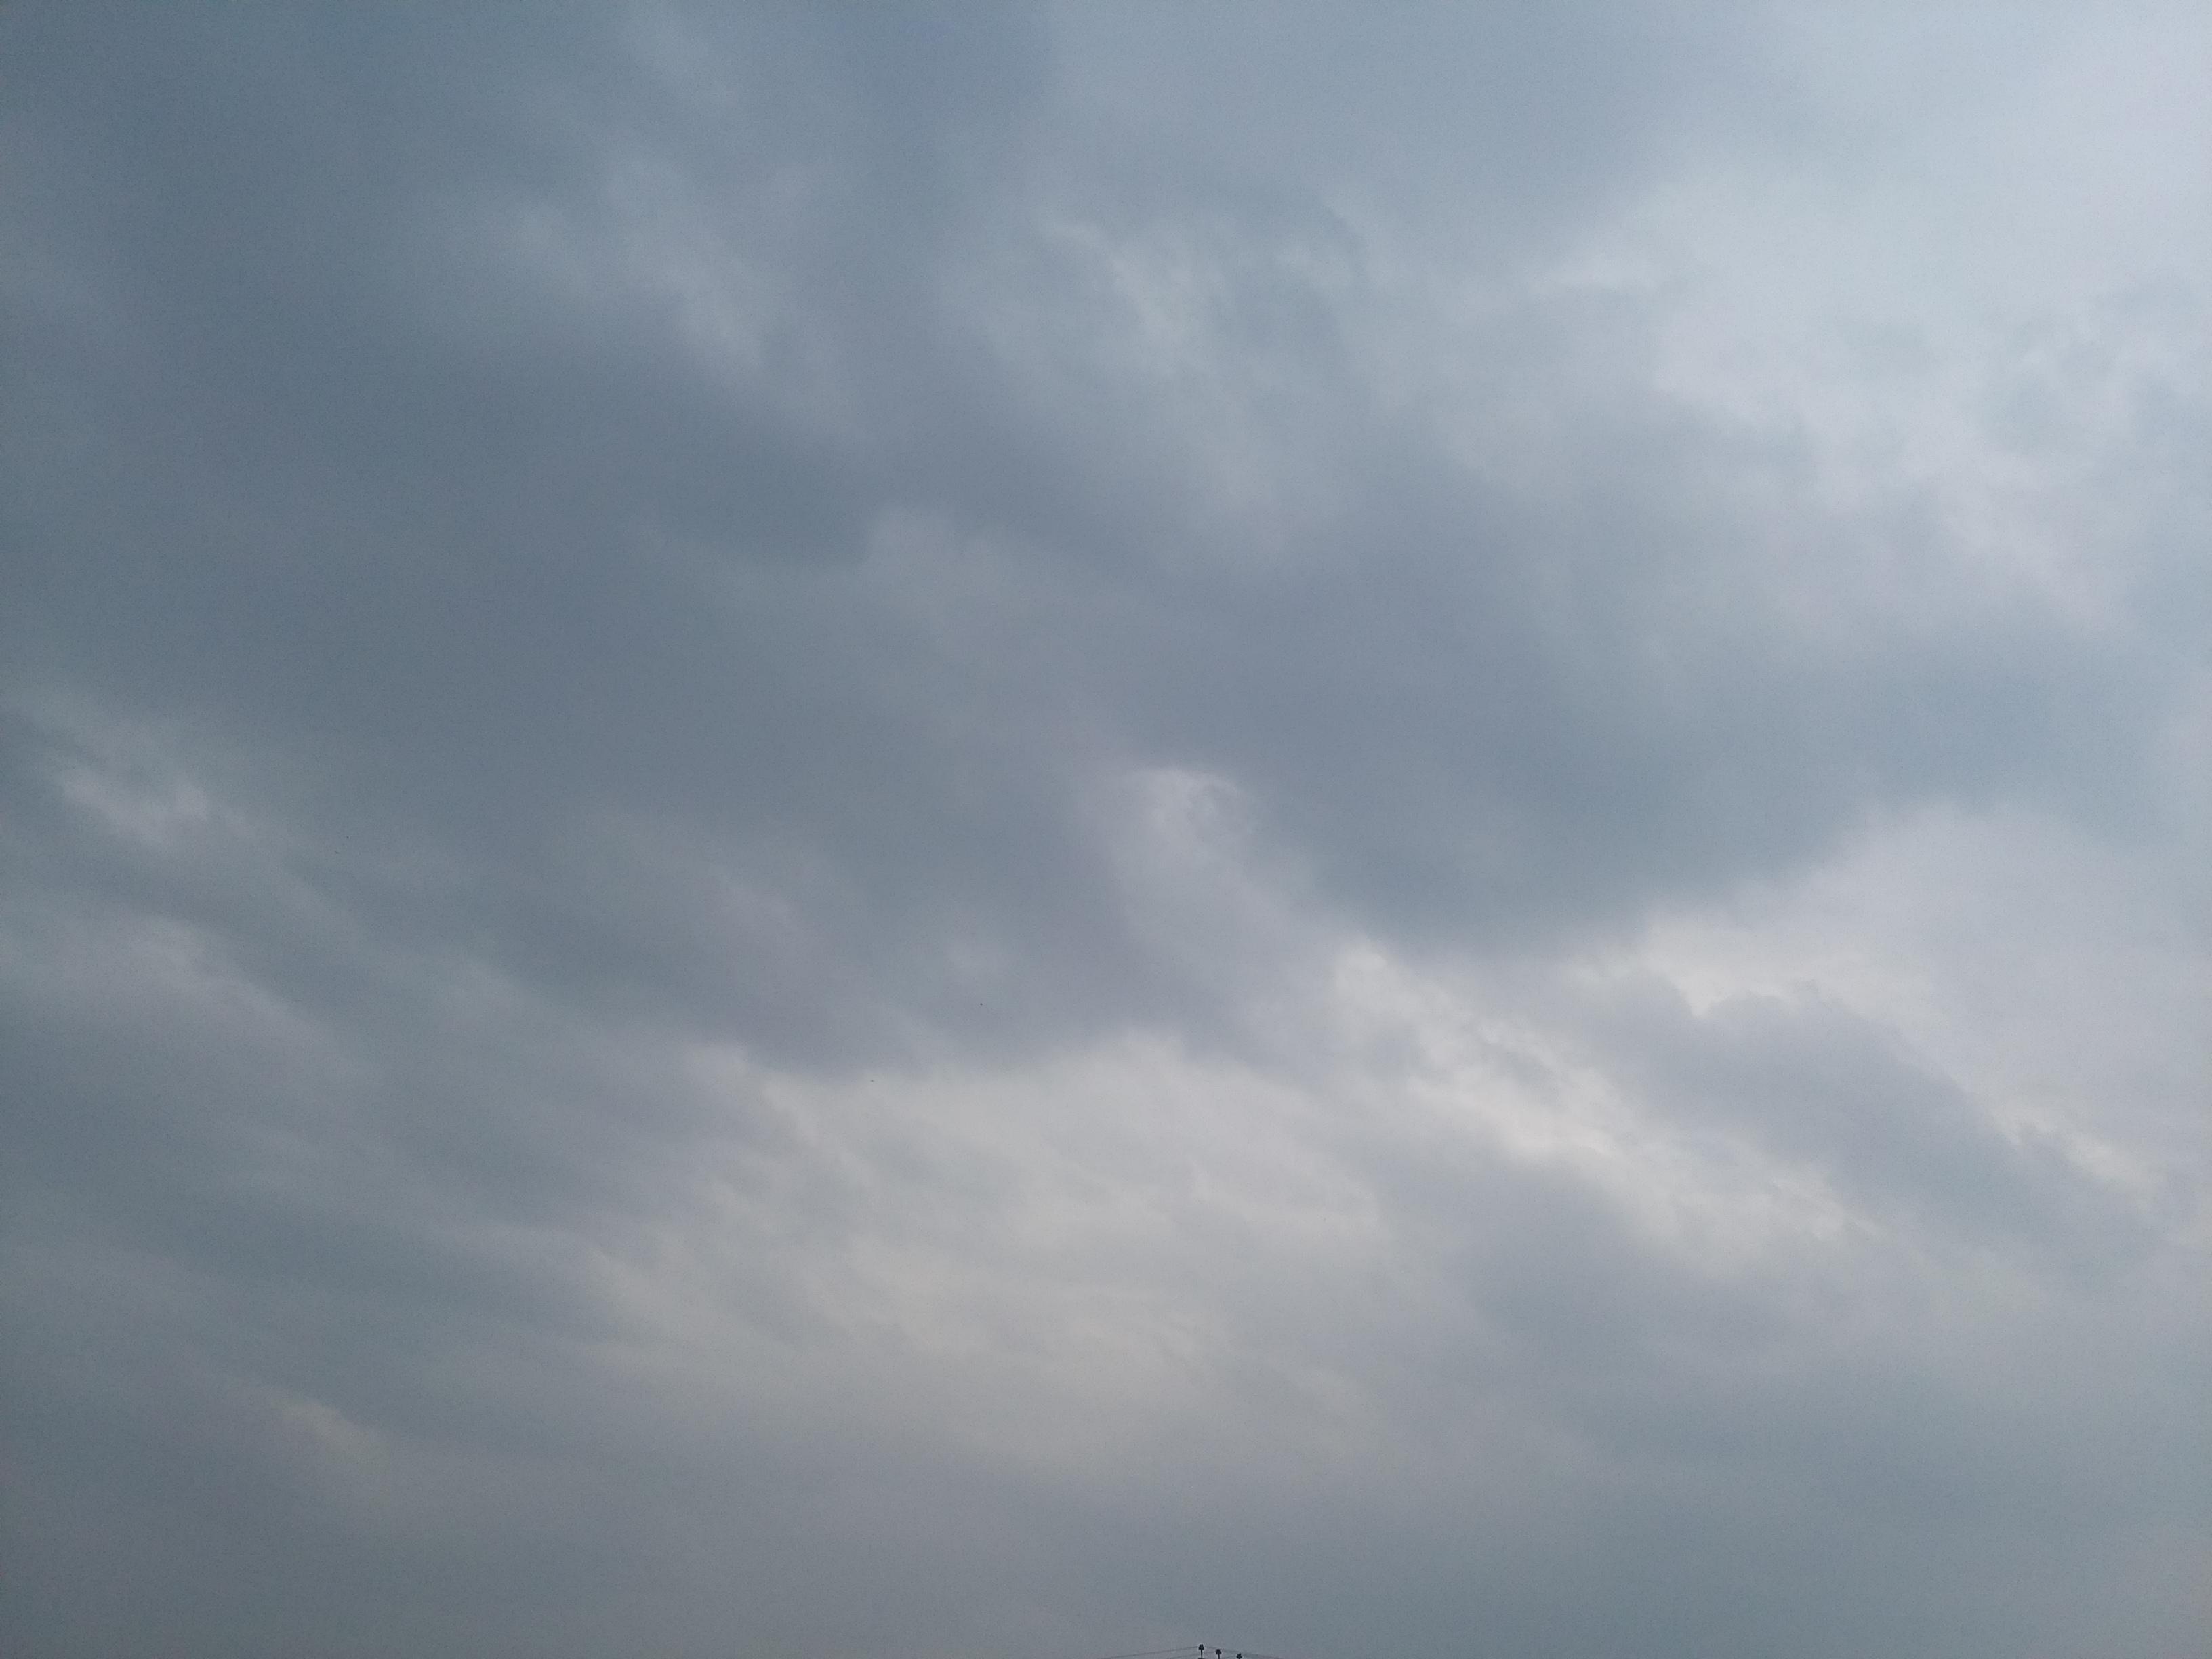 سندھ بھر میں بارشوں کی پیشن  گوئی